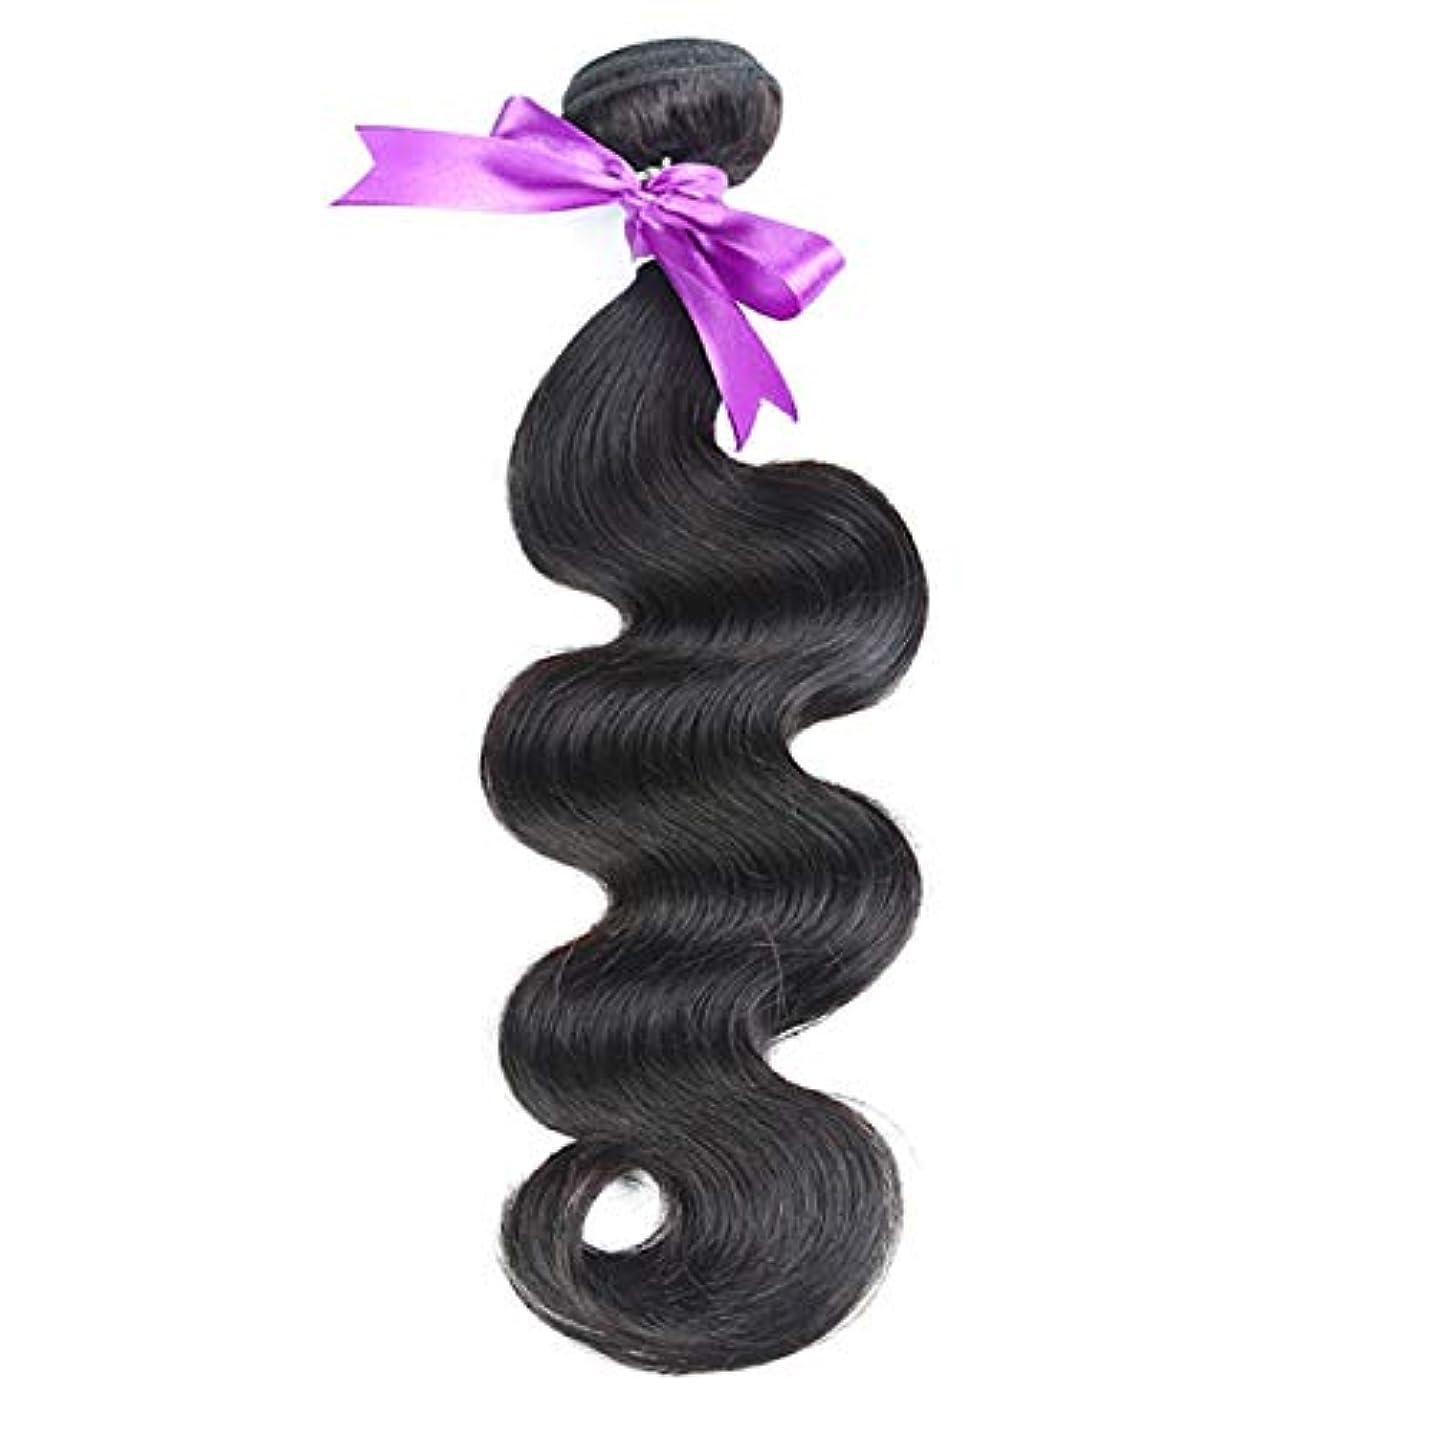 うぬぼれきらめきマットレスかつら マレーシアの体毛バンドル8-28インチ100%人毛織りのremy髪ナチュラルカラー1ピース (Stretched Length : 20inches)